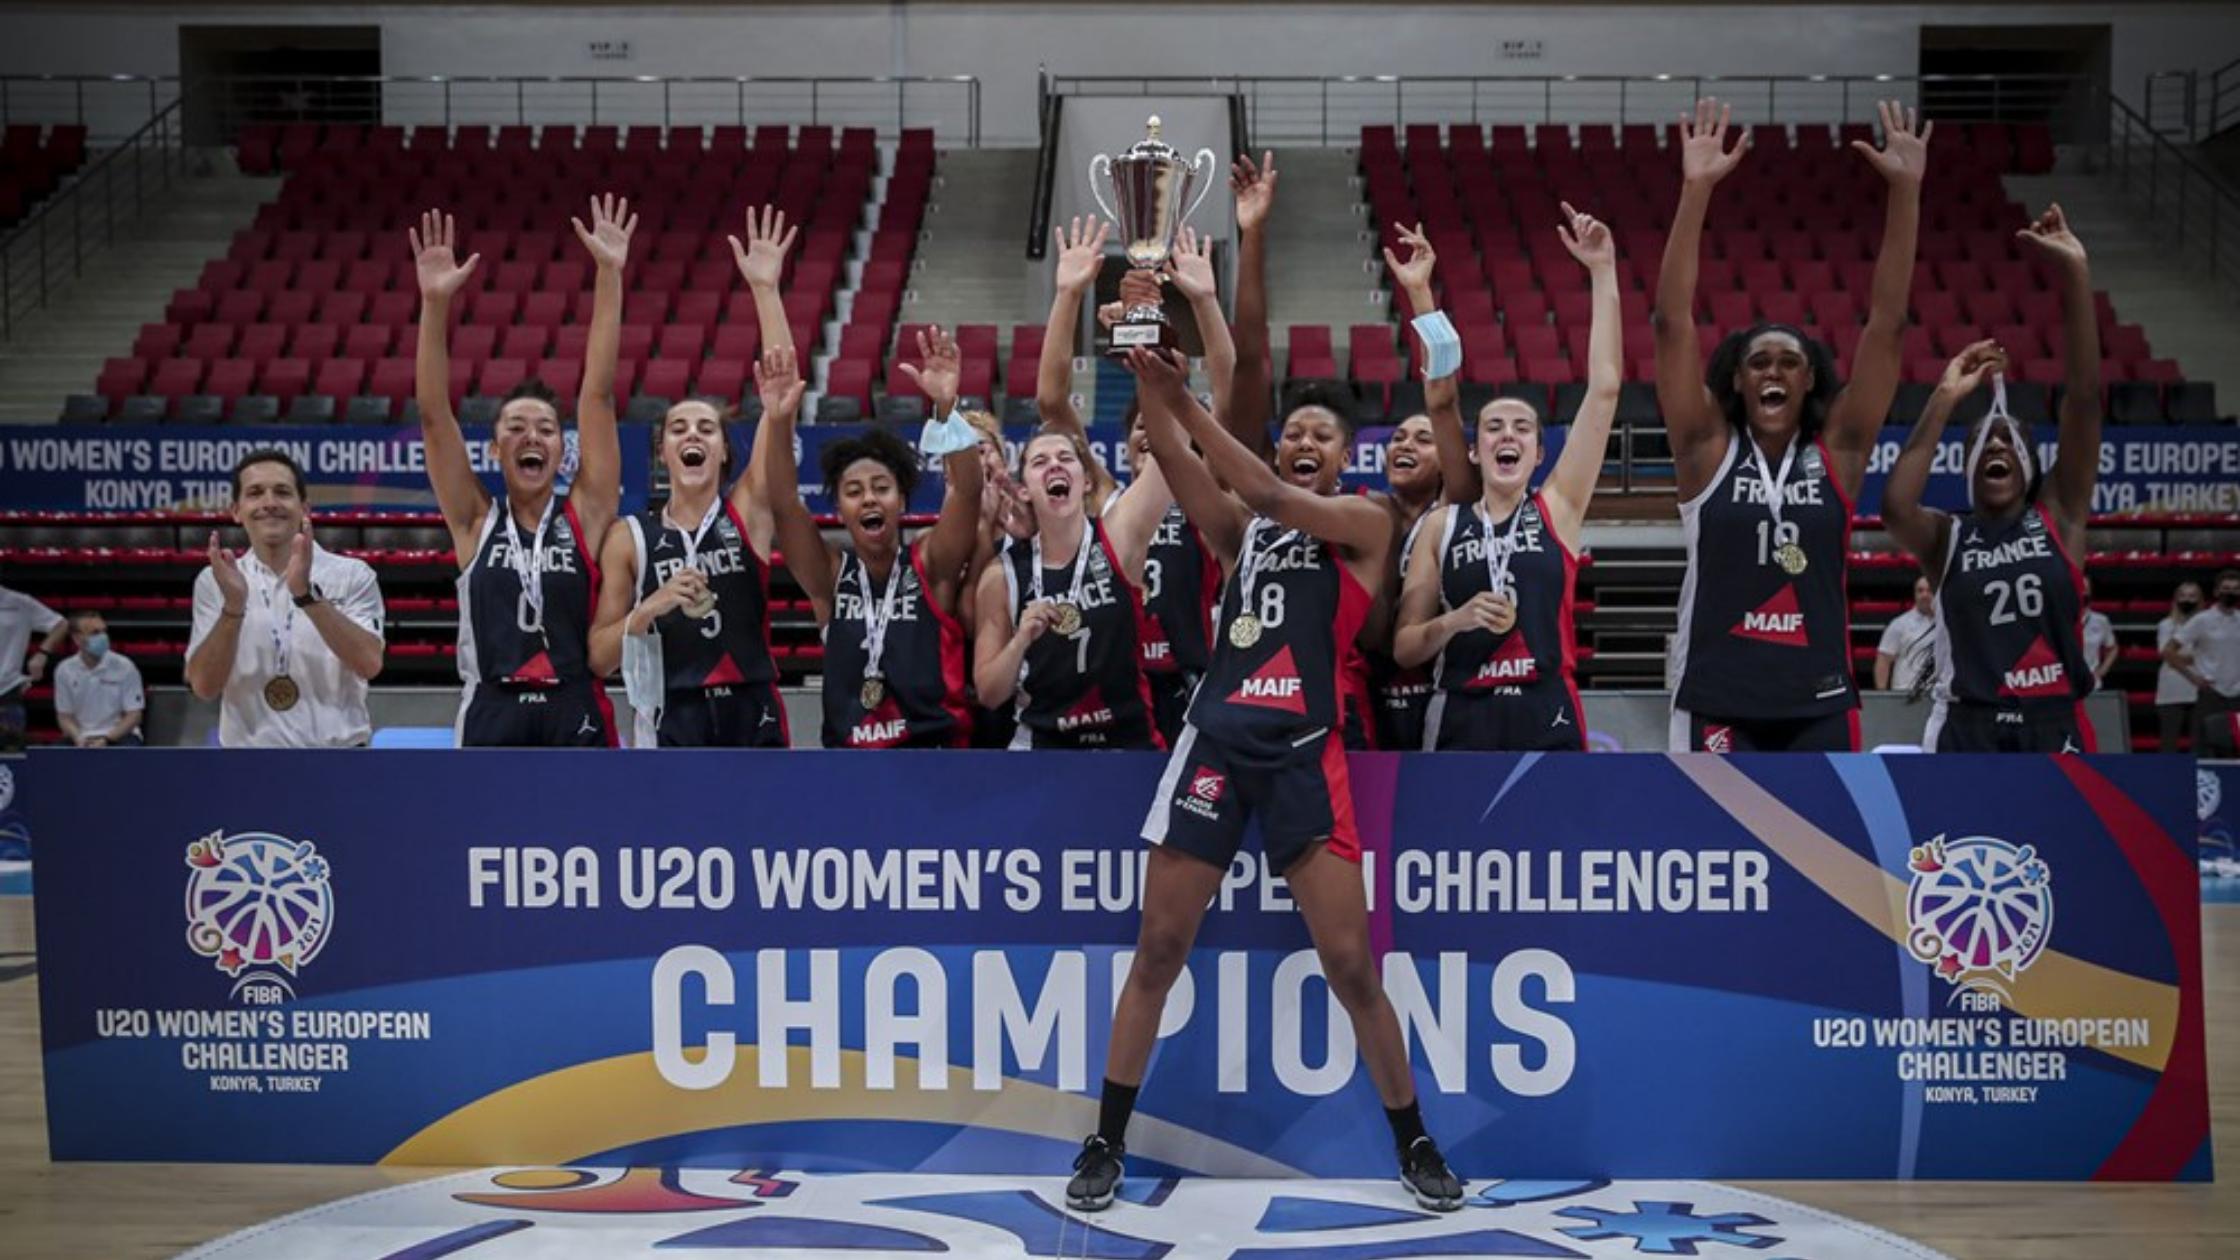 L'équipe de France U20 gagne le challenge